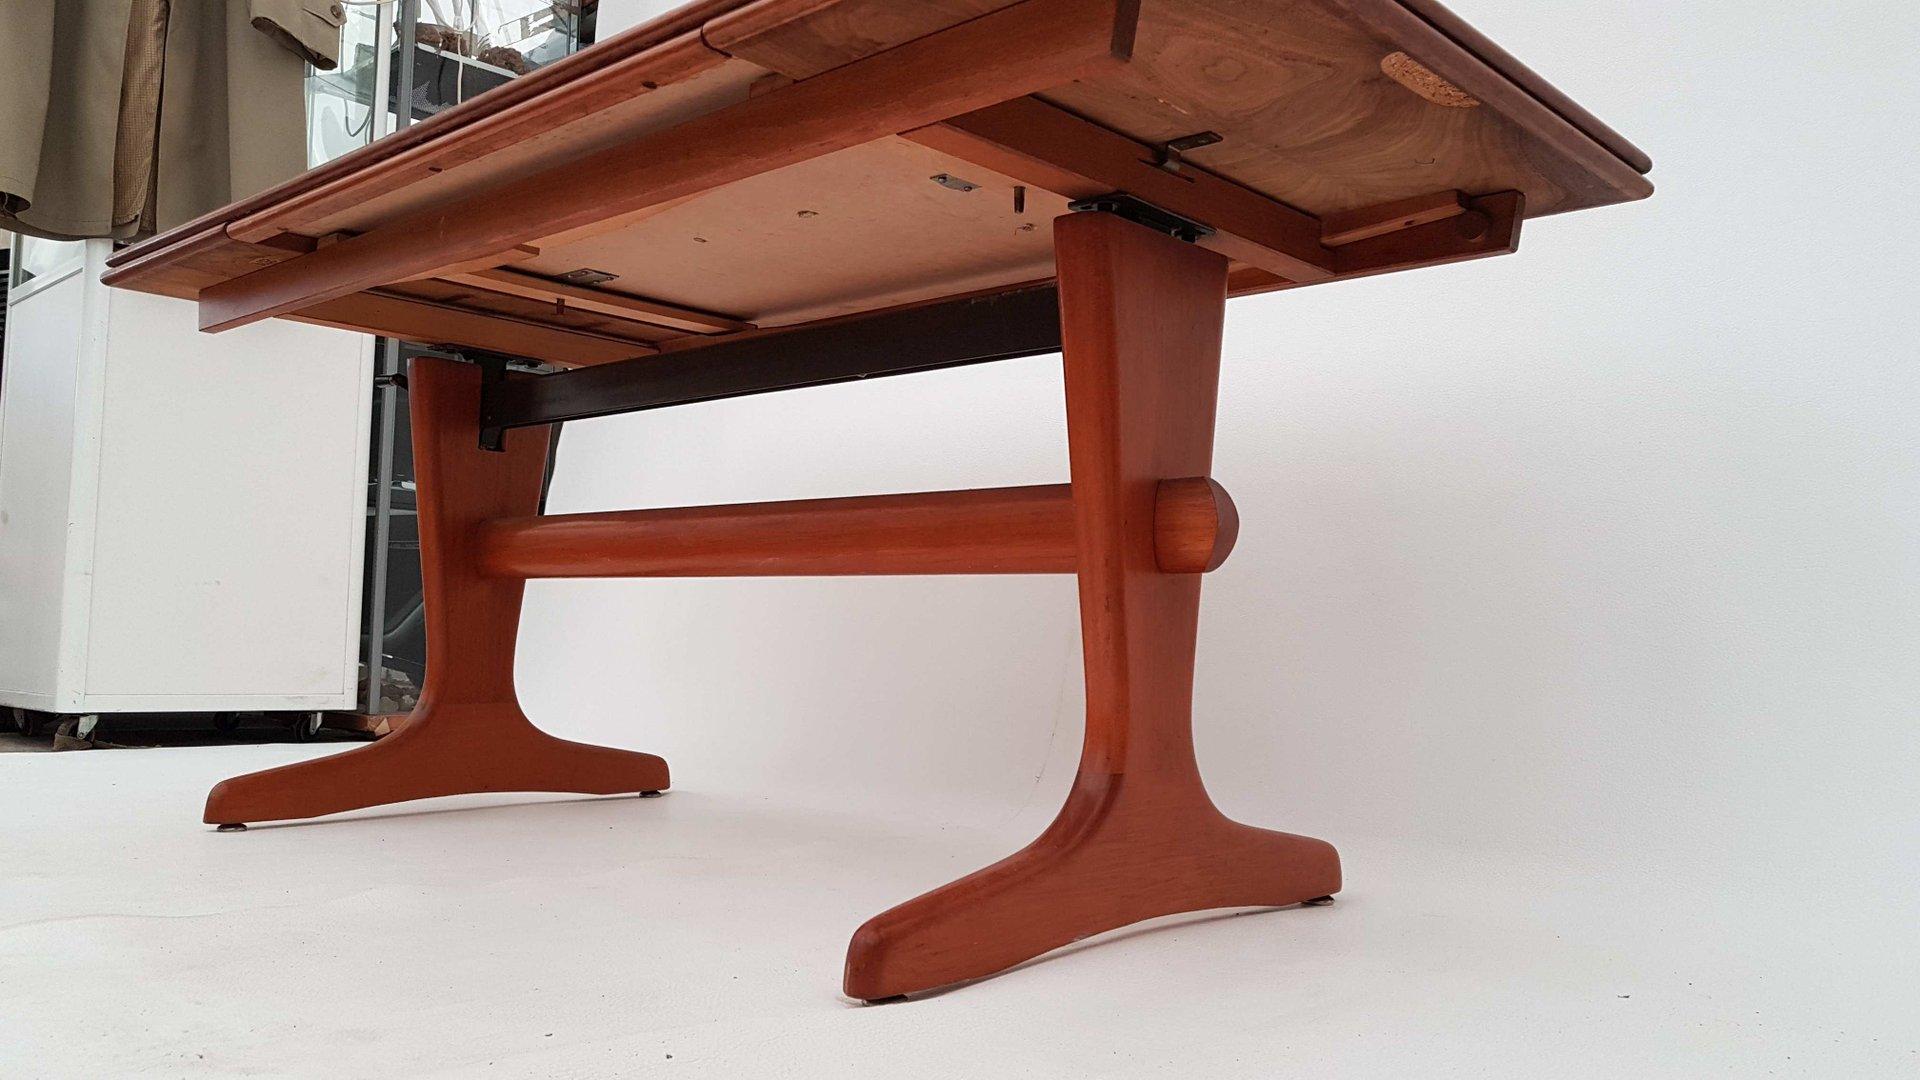 Danish Extendable amp Adjustable Teak Coffee or Dining Table  : danish extendable adjustable teak coffee or dining table 1960s 7 from www.pamono.com size 1920 x 1080 jpeg 139kB